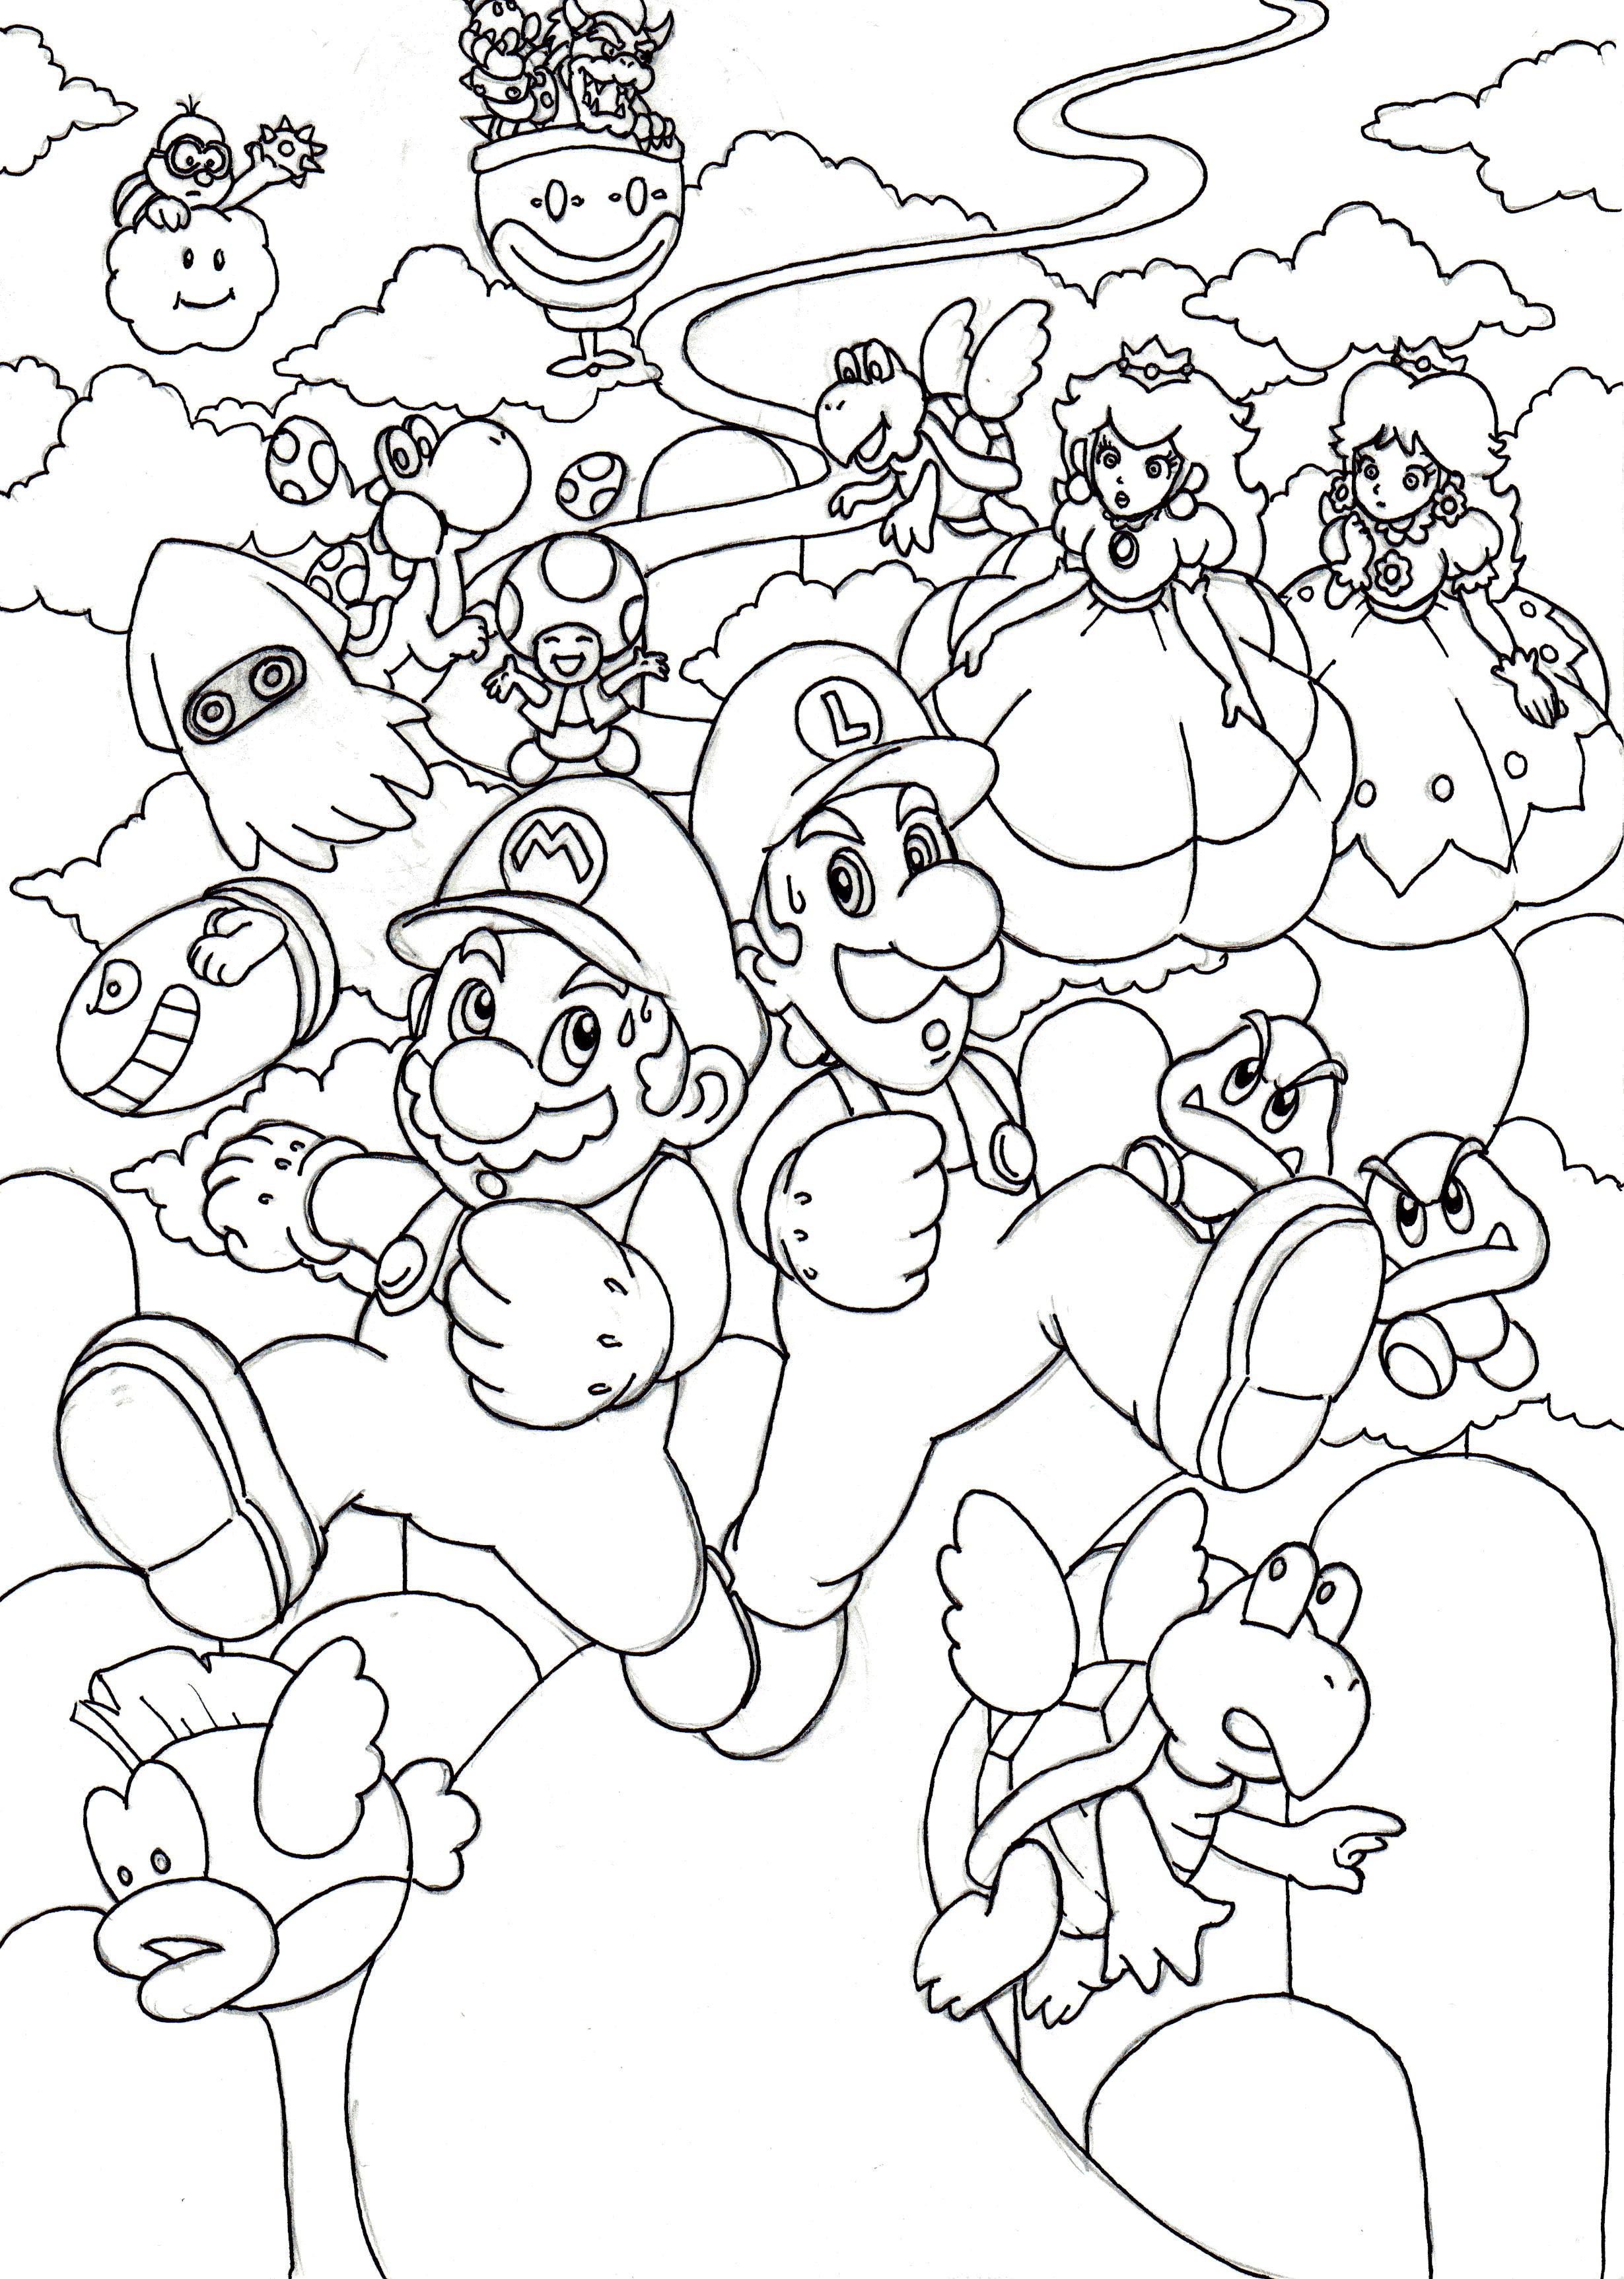 Niedlich Mario Bros Bowser Ausmalbilder Ideen - Entry Level Resume ...